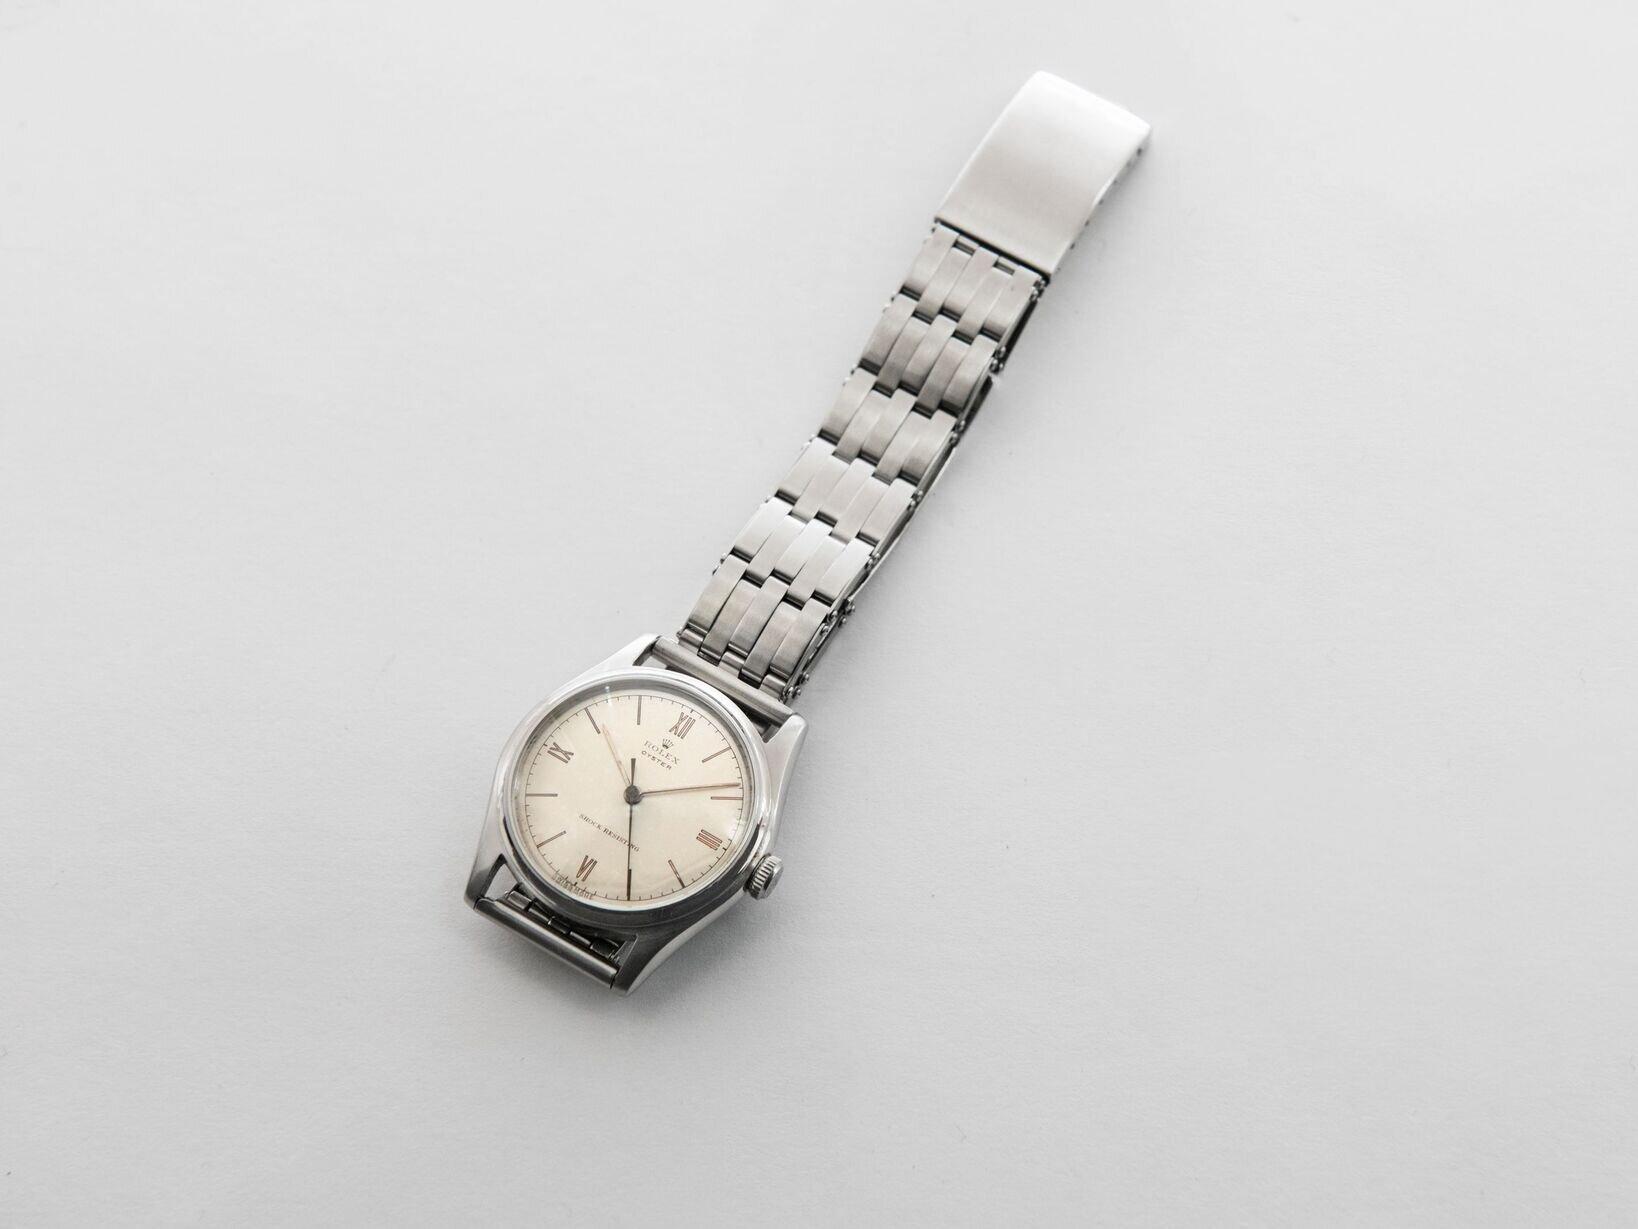 今回のブレスレットを作るきっかけになったという1940年代製ロレックス オイスター Ref.4377。